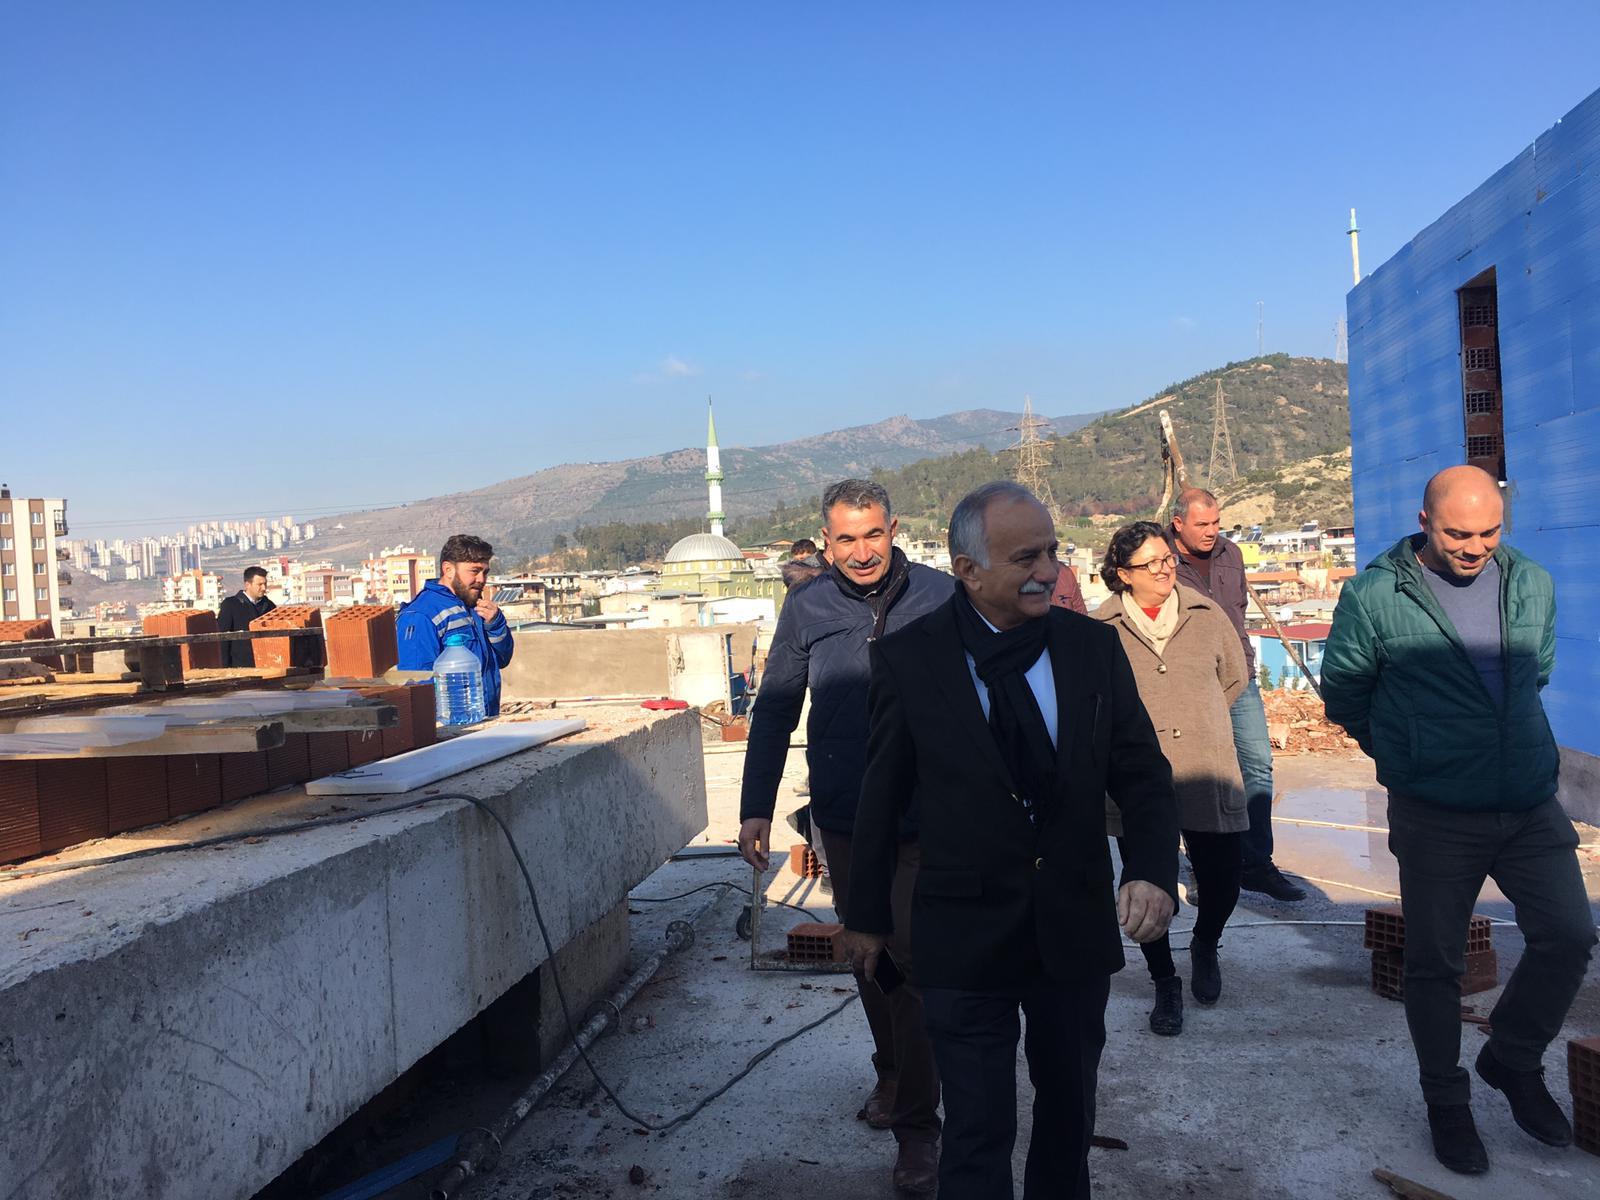 """Bayraklı Belediye Başkanı Hasan Karabağ'dan yerinde inceleme """"Arif Sağ Kültür Merkezi hızla yükseliyor"""